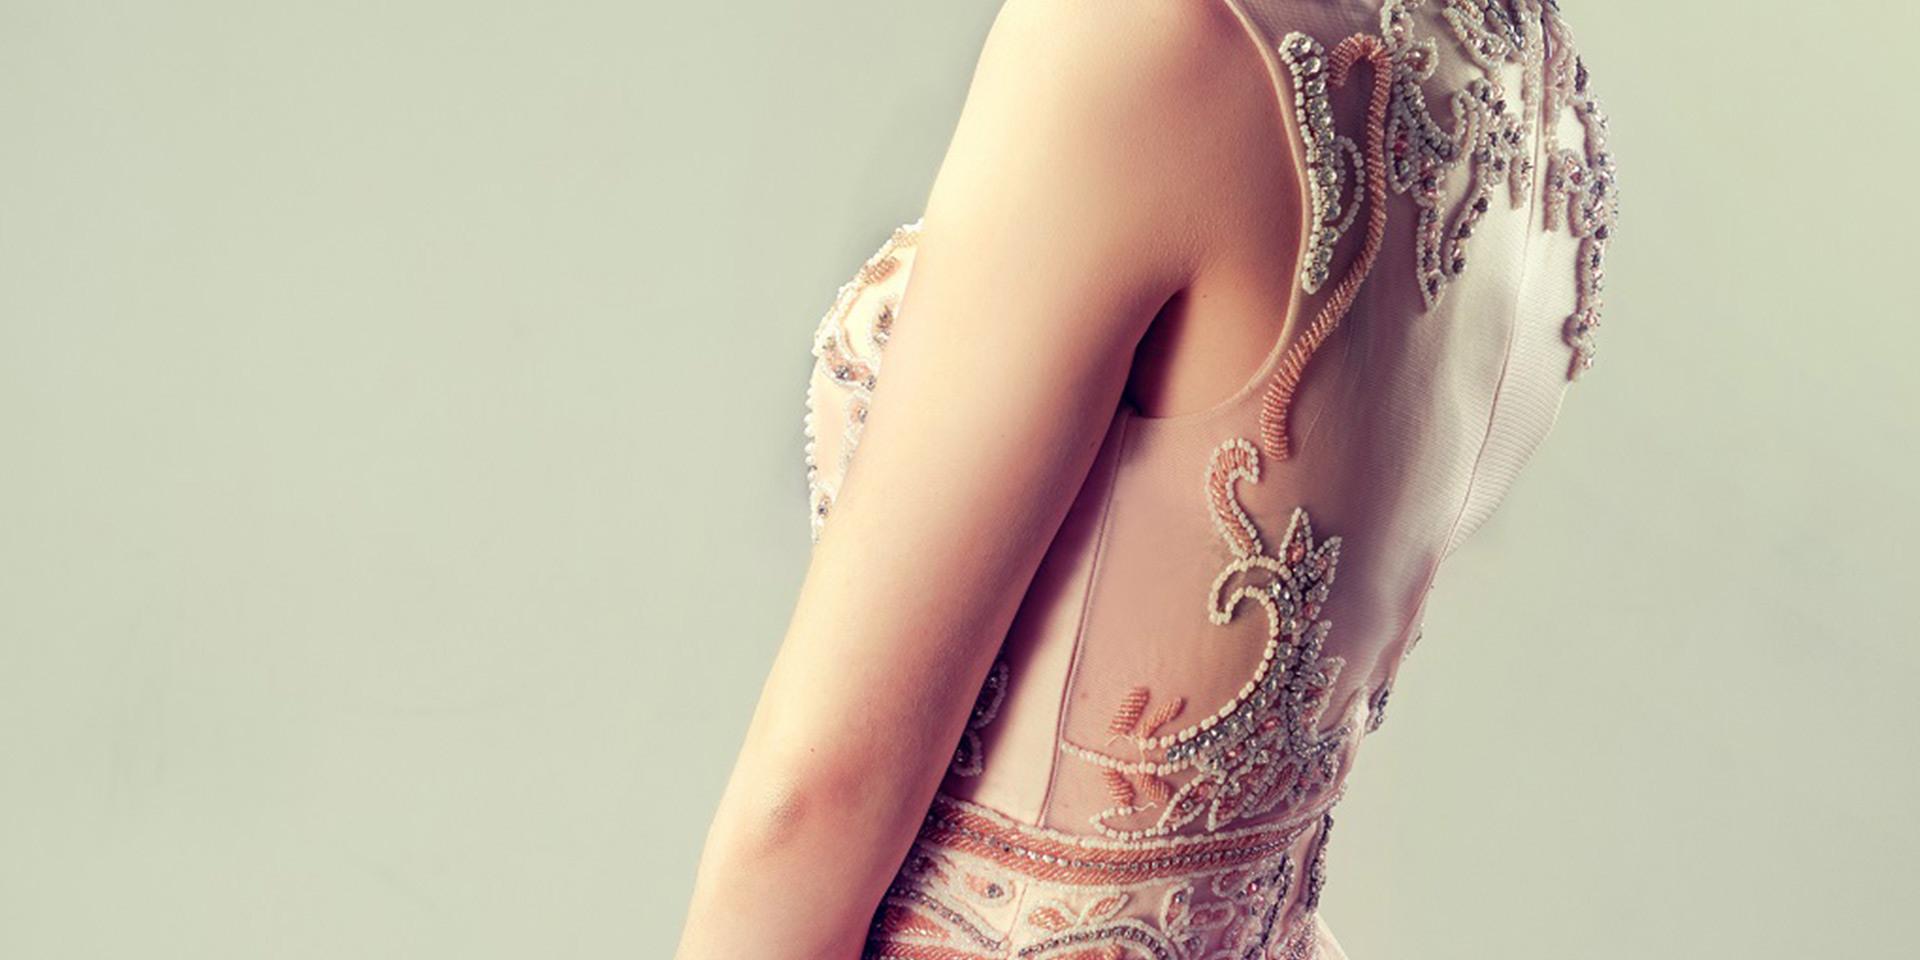 15 Schön Abendkleider Nrw DesignFormal Genial Abendkleider Nrw Bester Preis